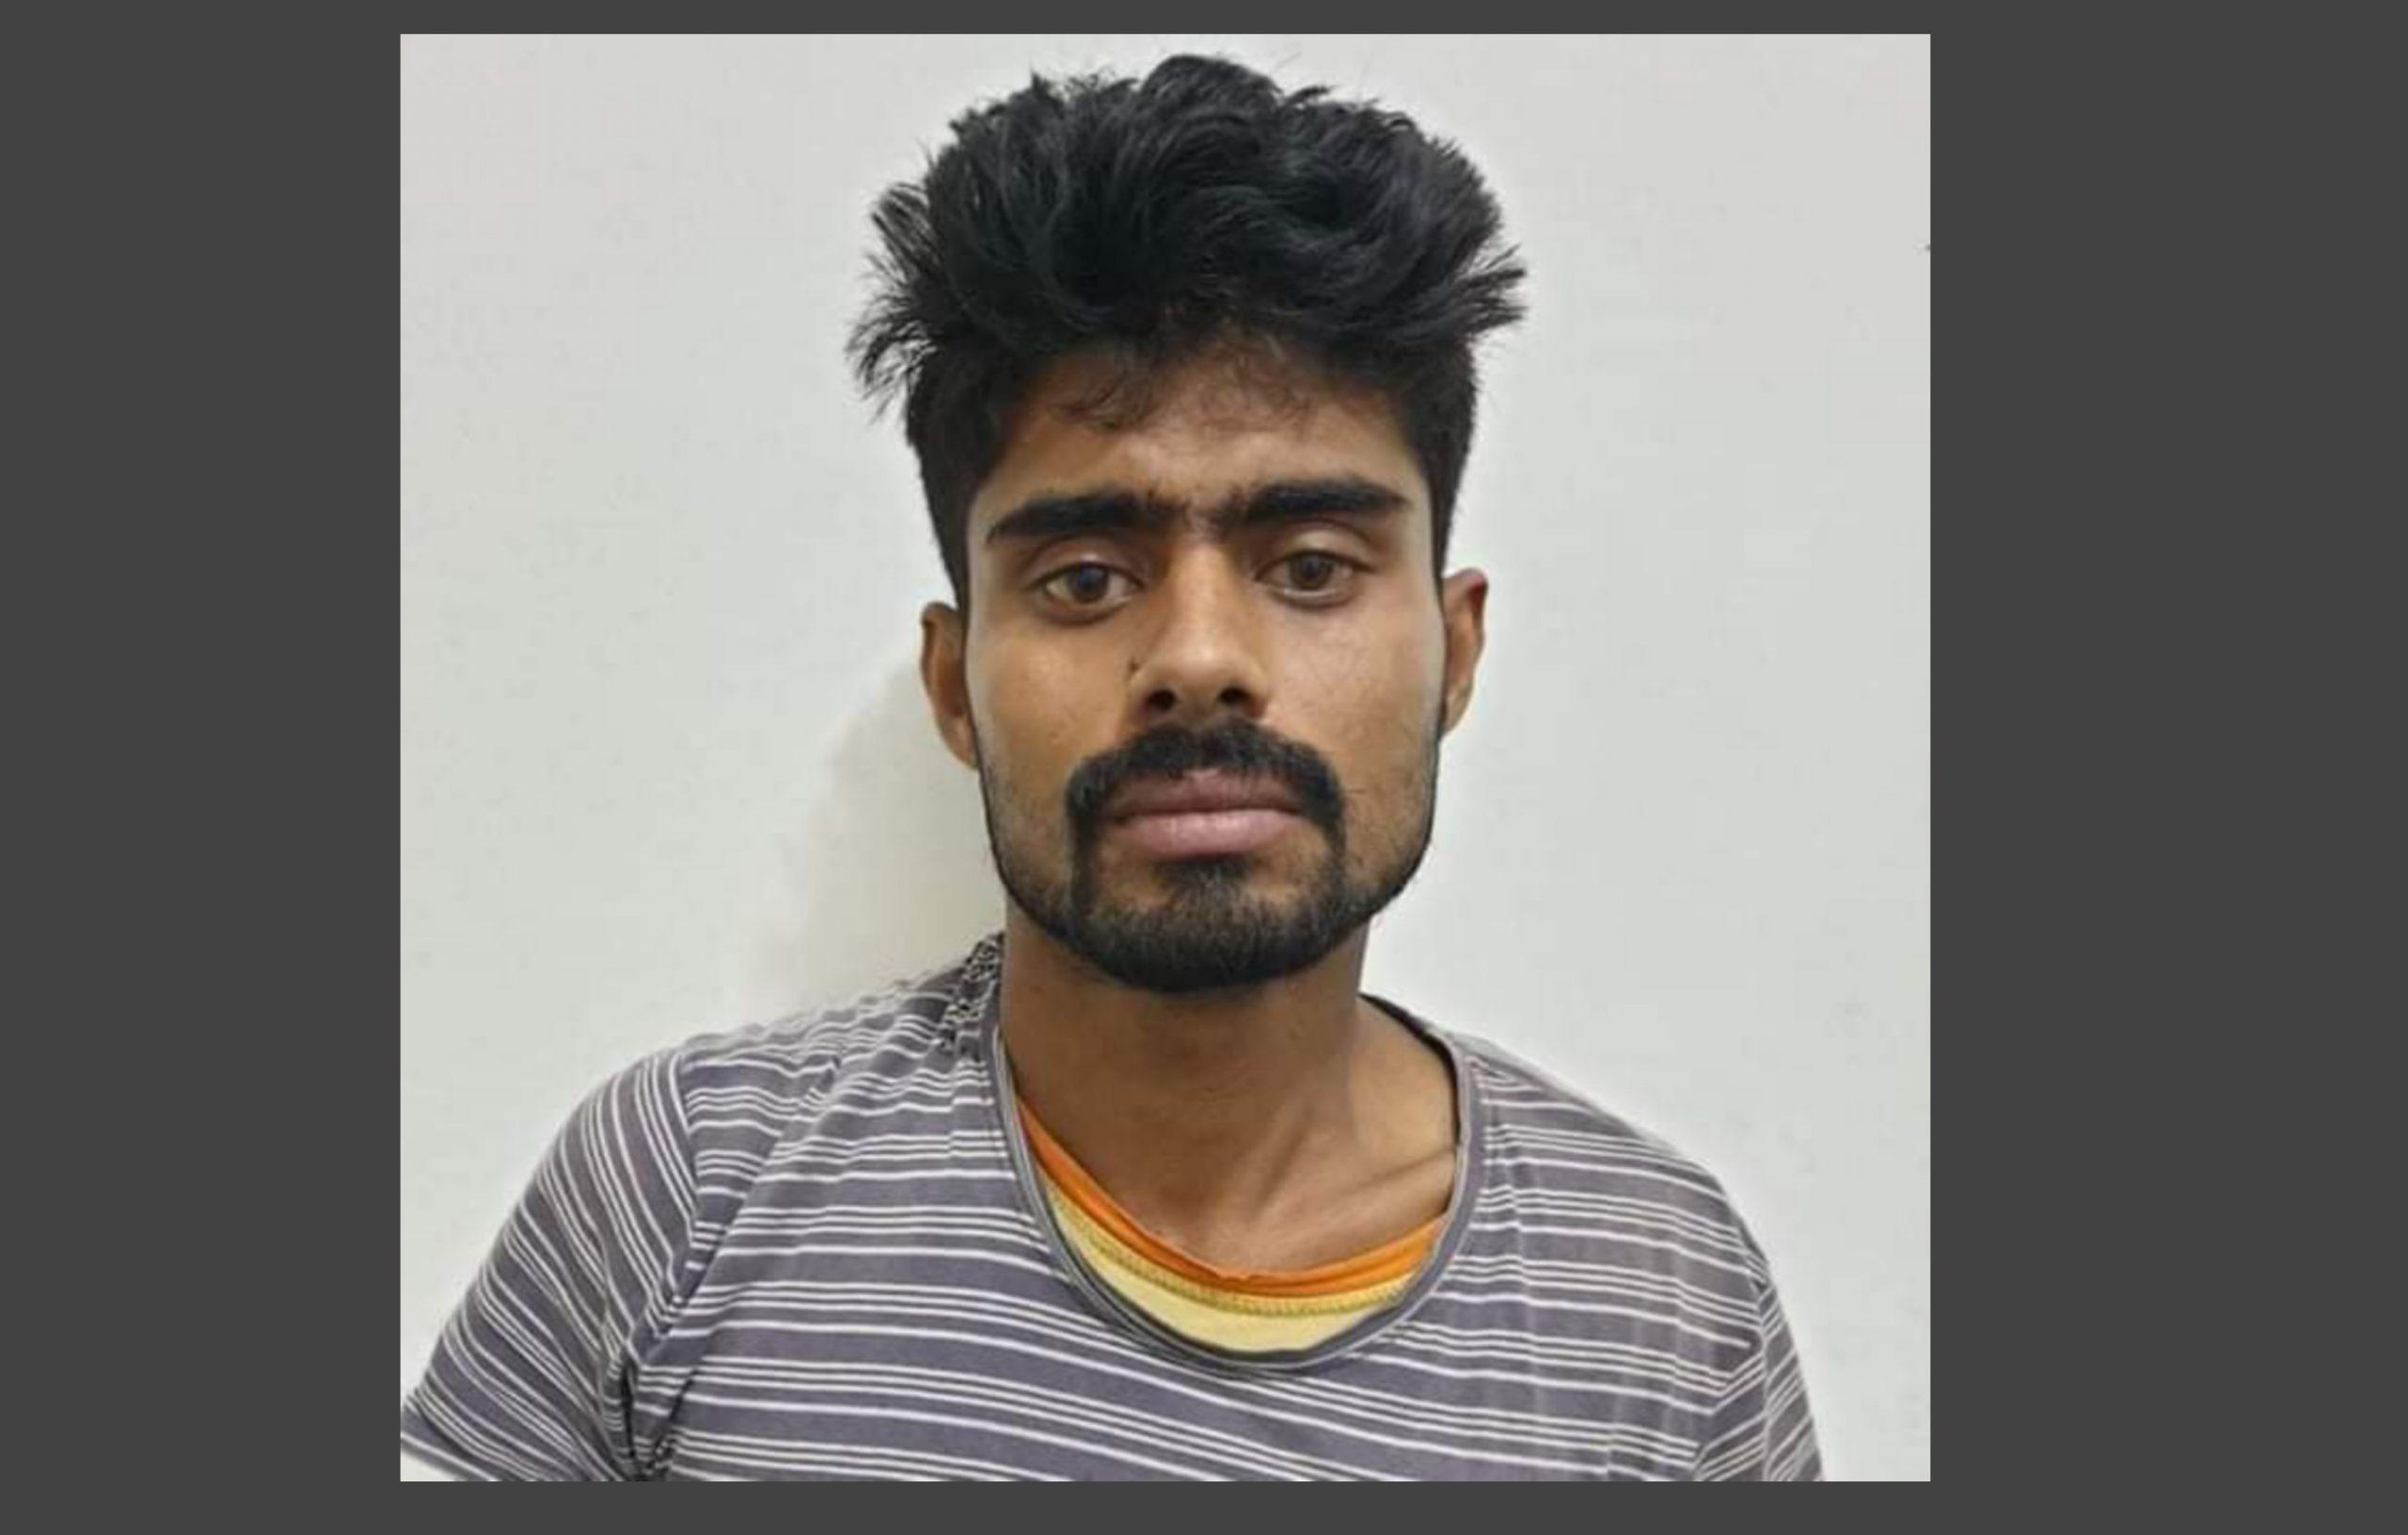 চাঁপাইনবাবগঞ্জে মাদকের কুখ্যাত গডফাদার মোবারক ডিএনসির হাতে গ্রেফতার